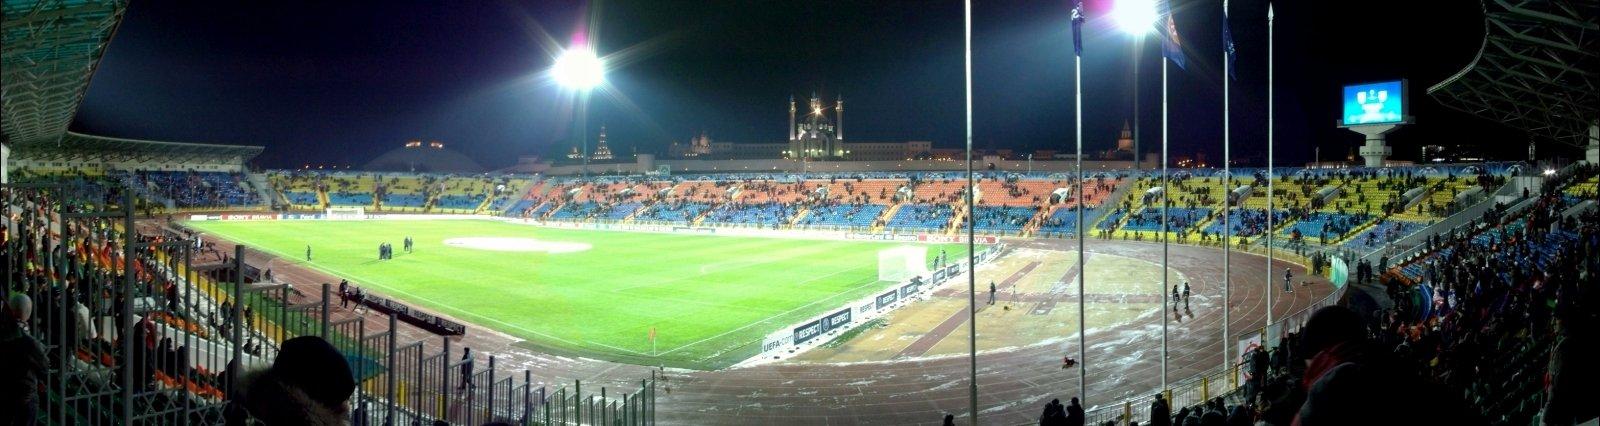 Стадион центральный казань схема 696